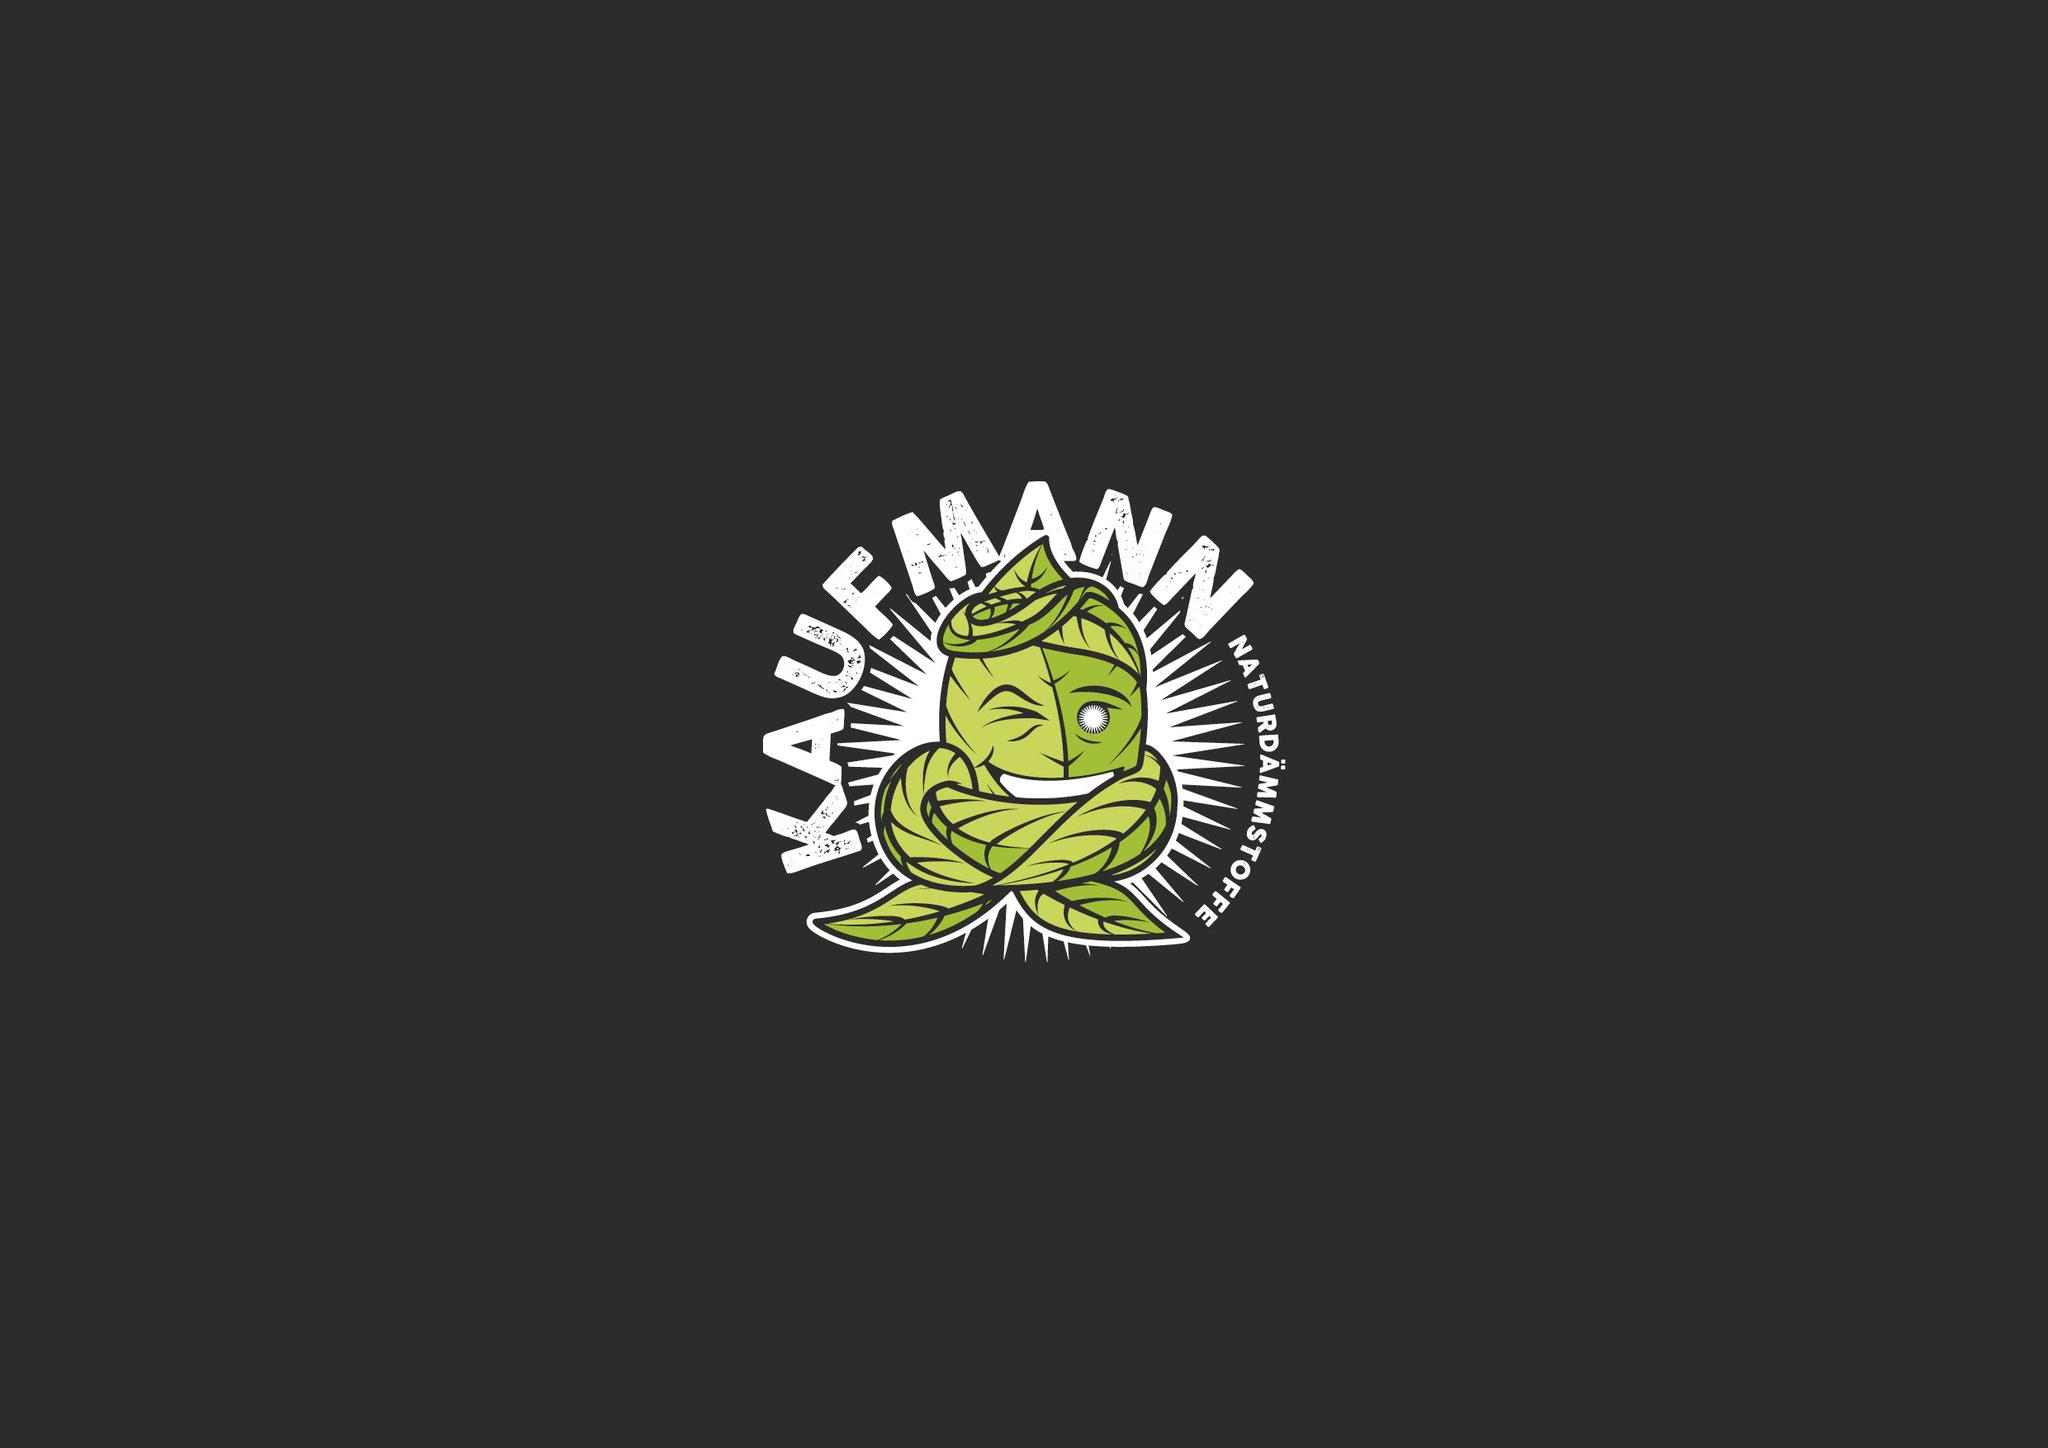 Branding: Erscheinungsbild Kaufmann Naturdämmstoffe (Logodesign) | Lockedesign 2017, Burgdorf